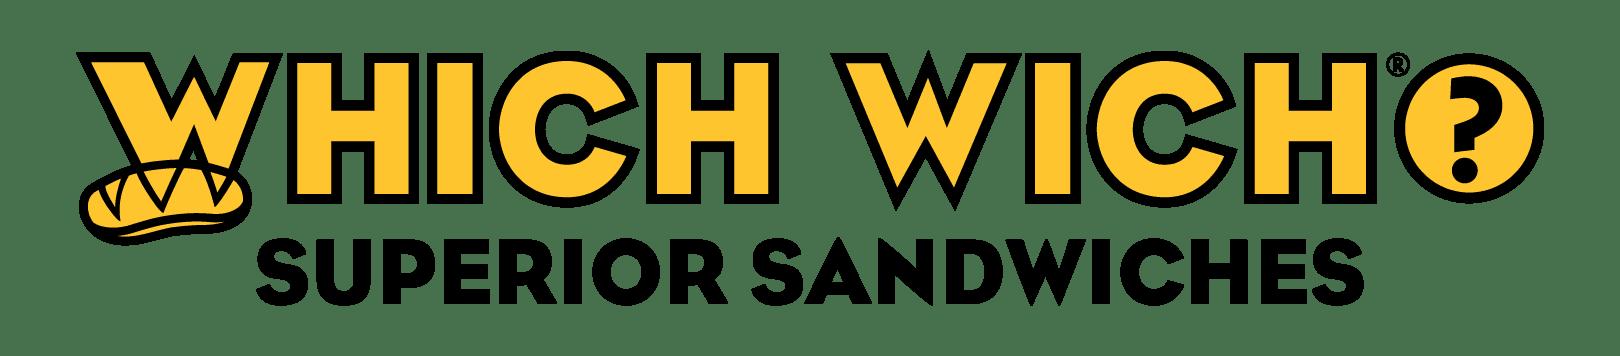 Logo - Which Wich Superior Sandwiches